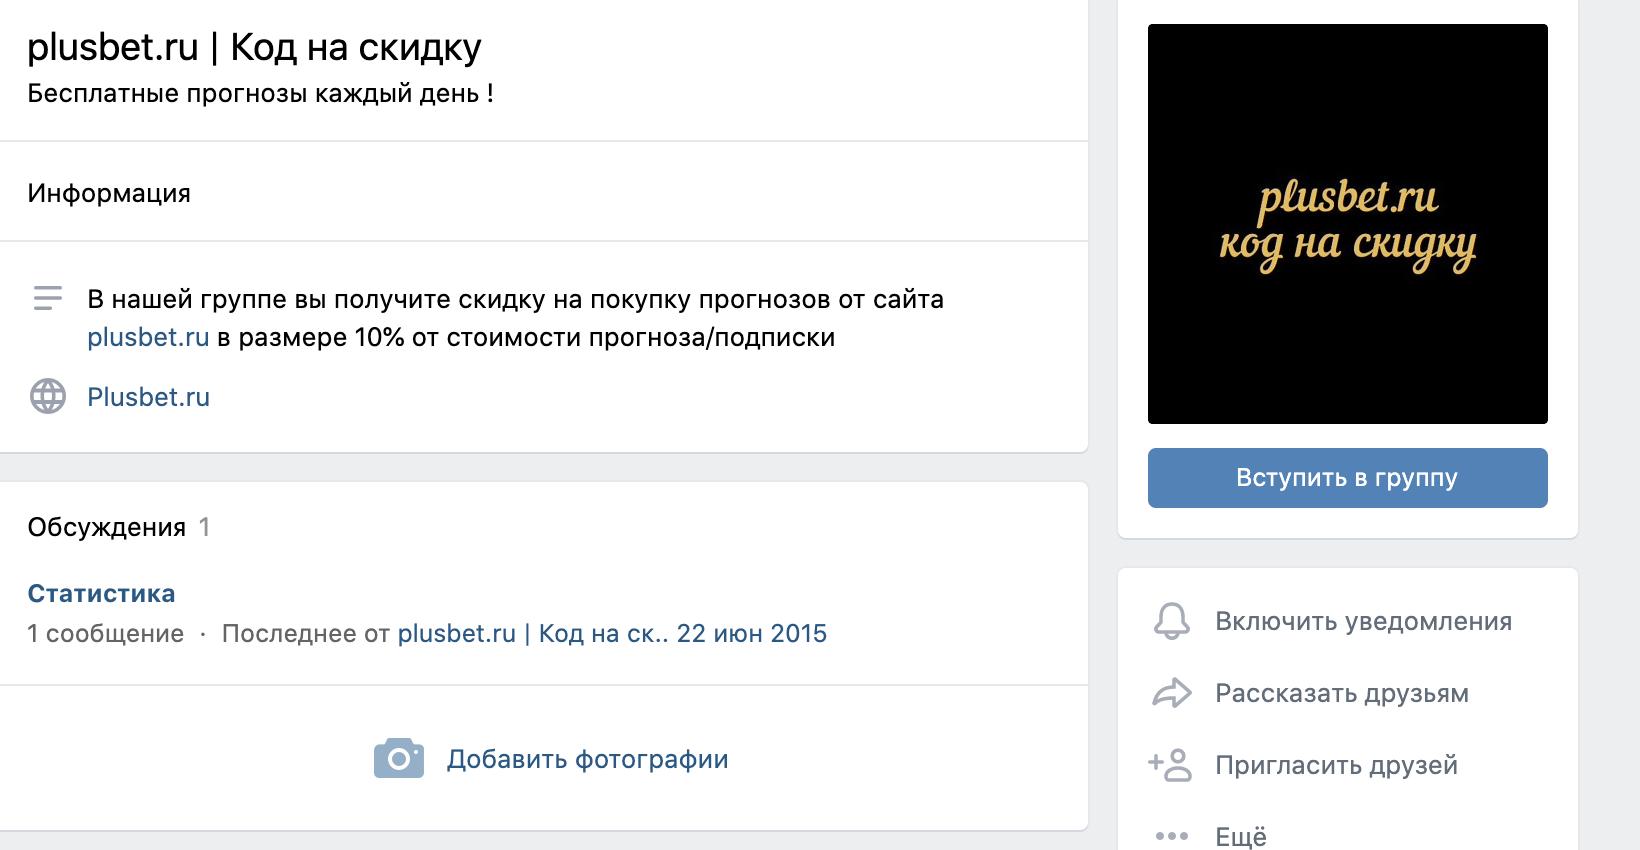 Группа в ВК Plusbet.ru